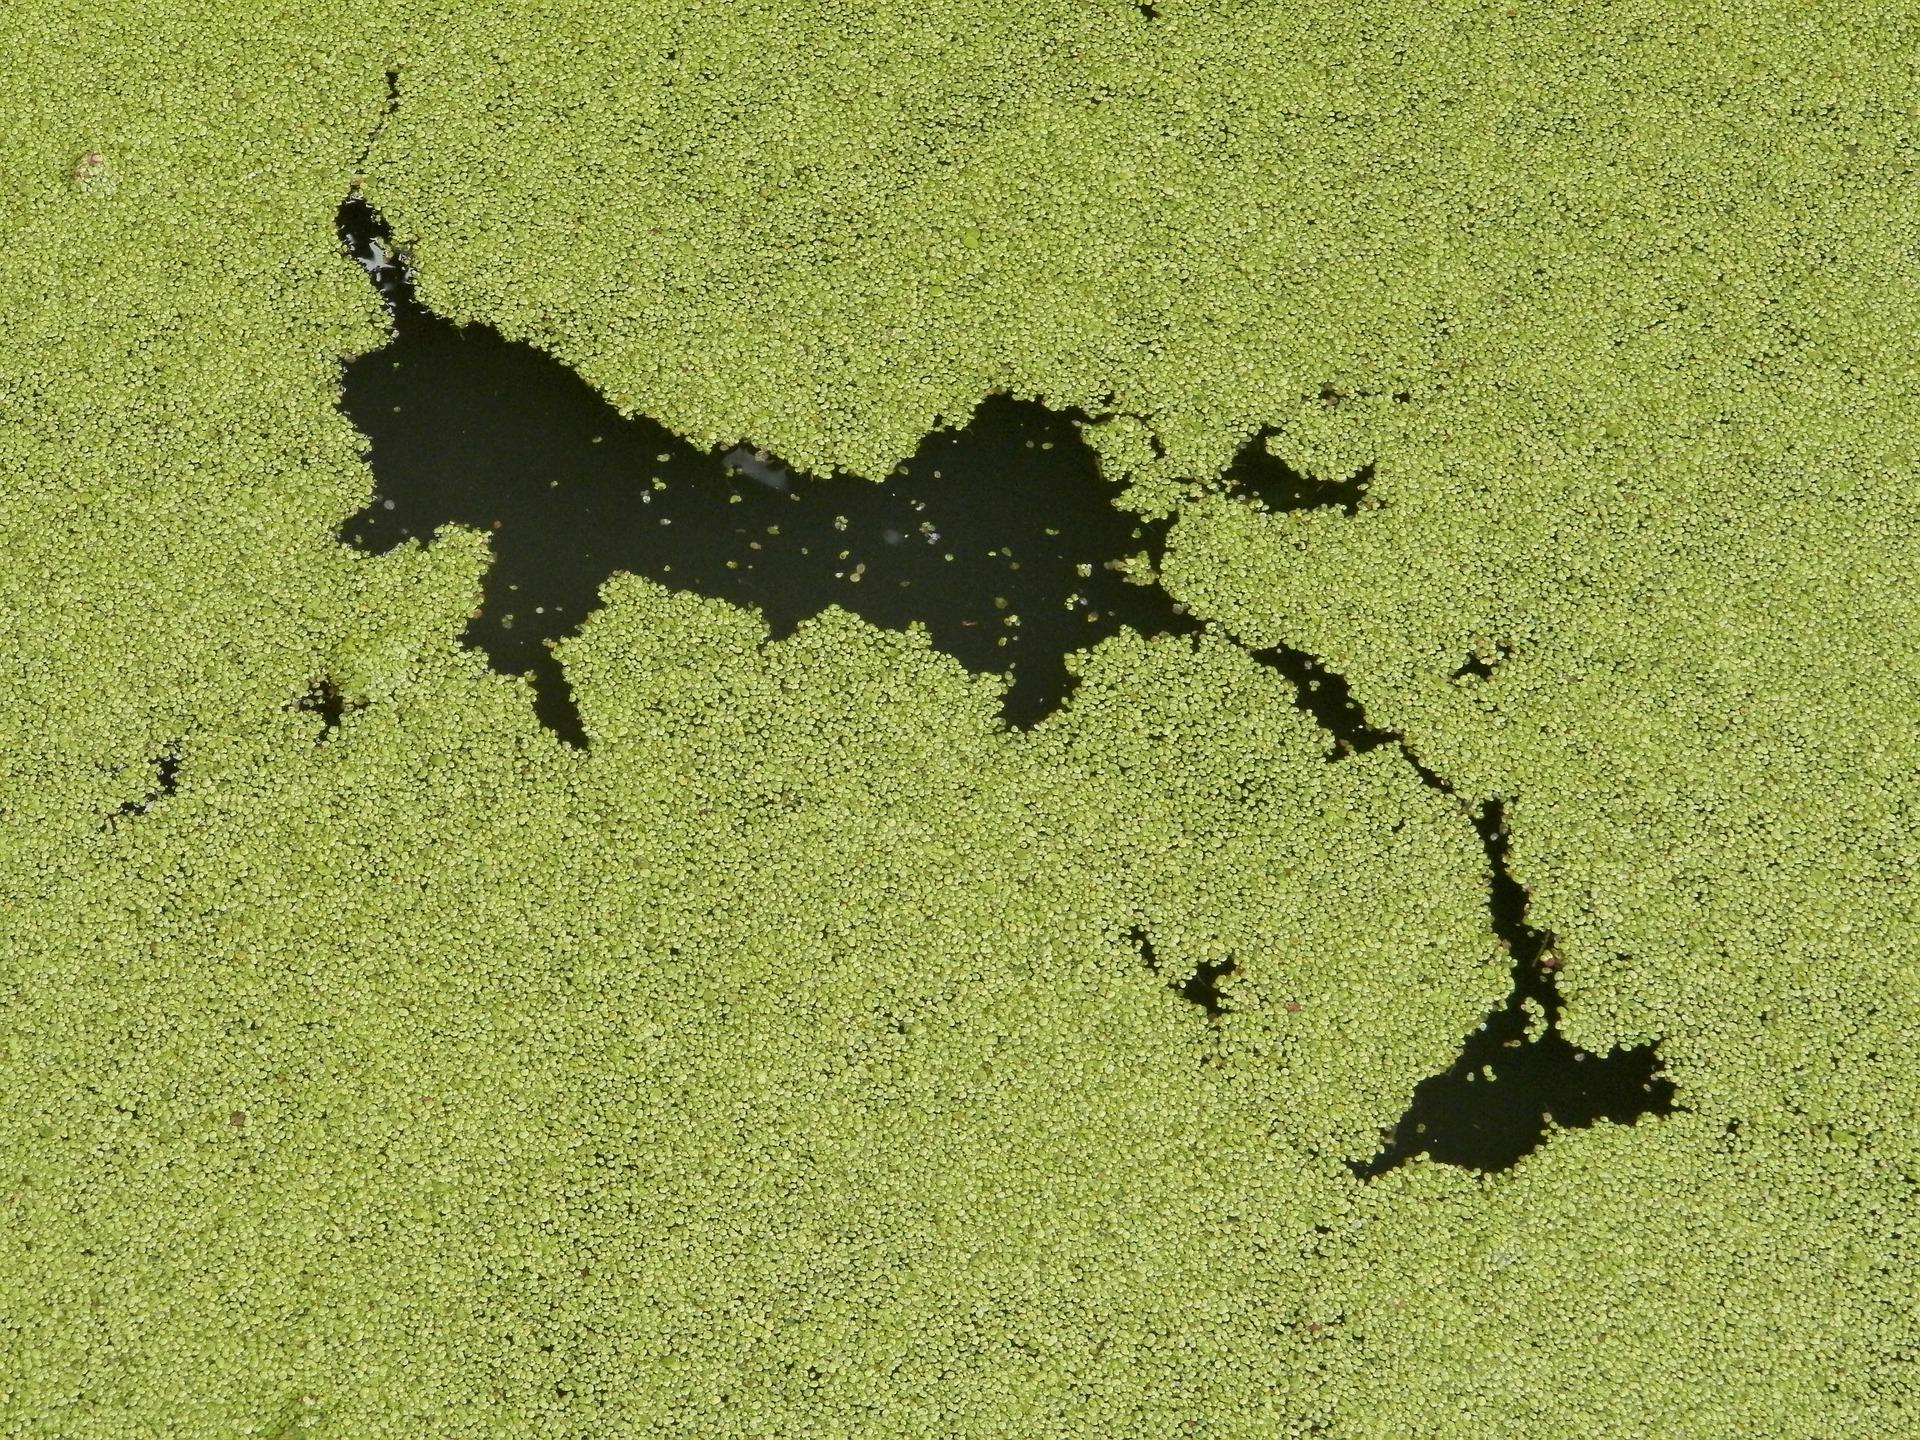 algae-112356_1920